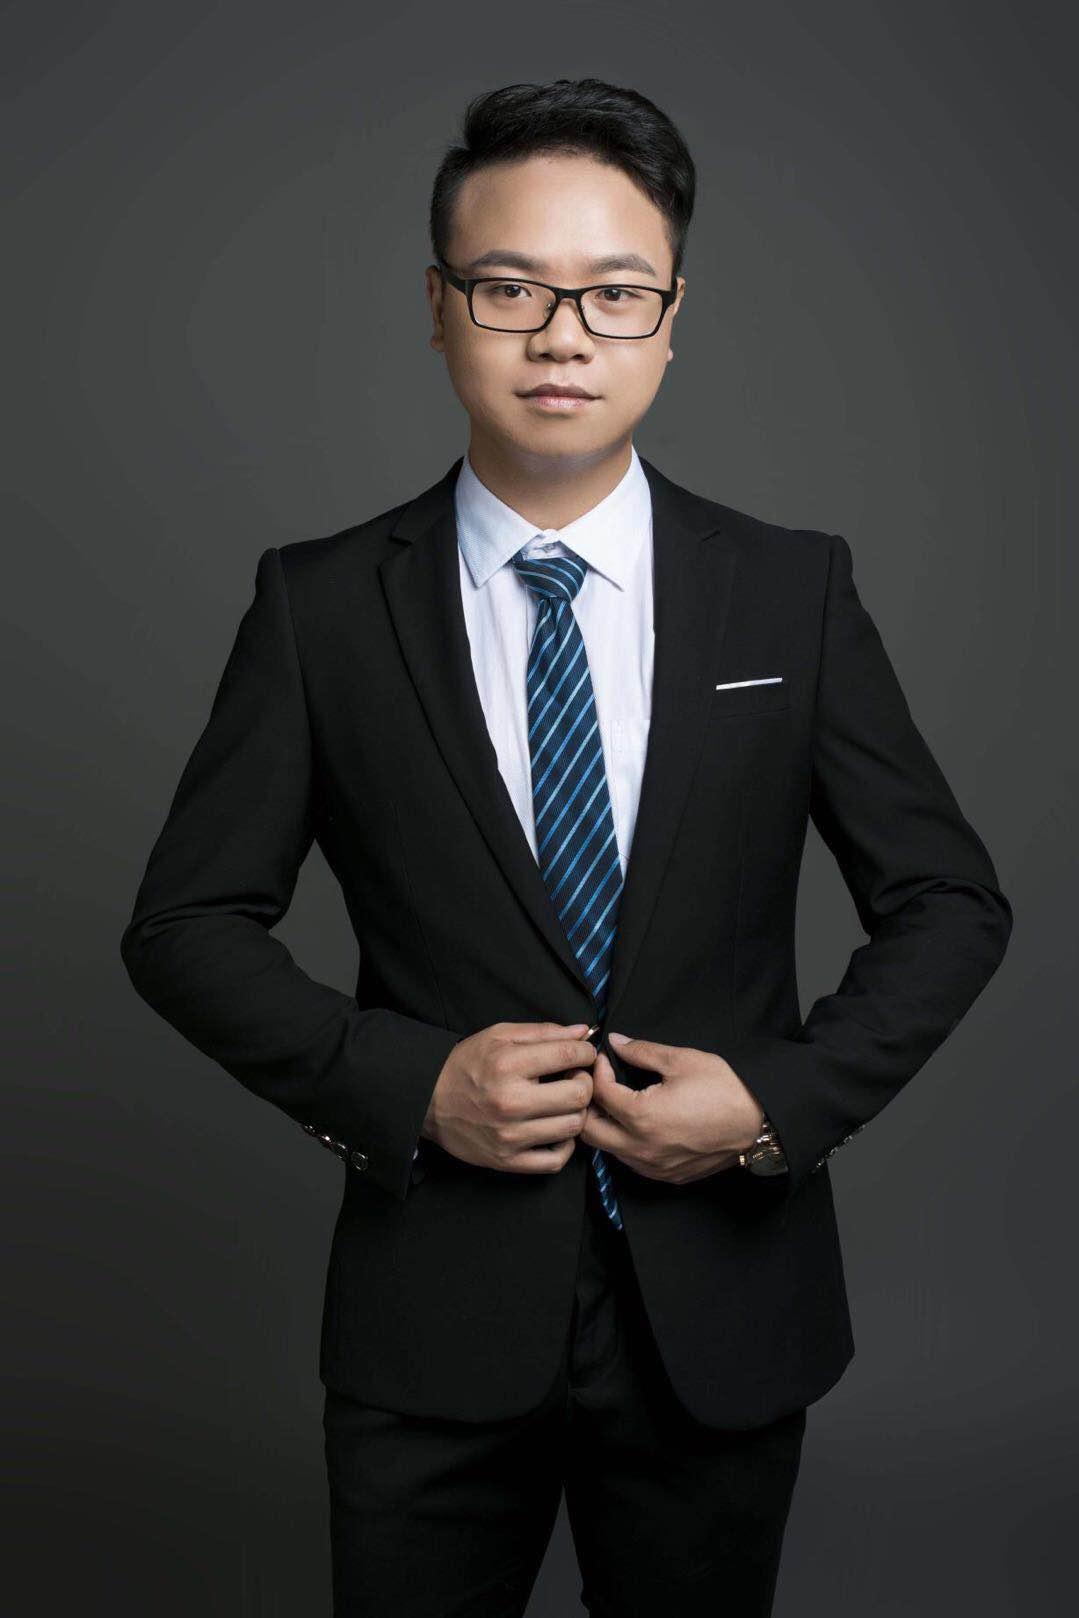 苏州和创美家建筑装饰工程有限公司-陈于昊